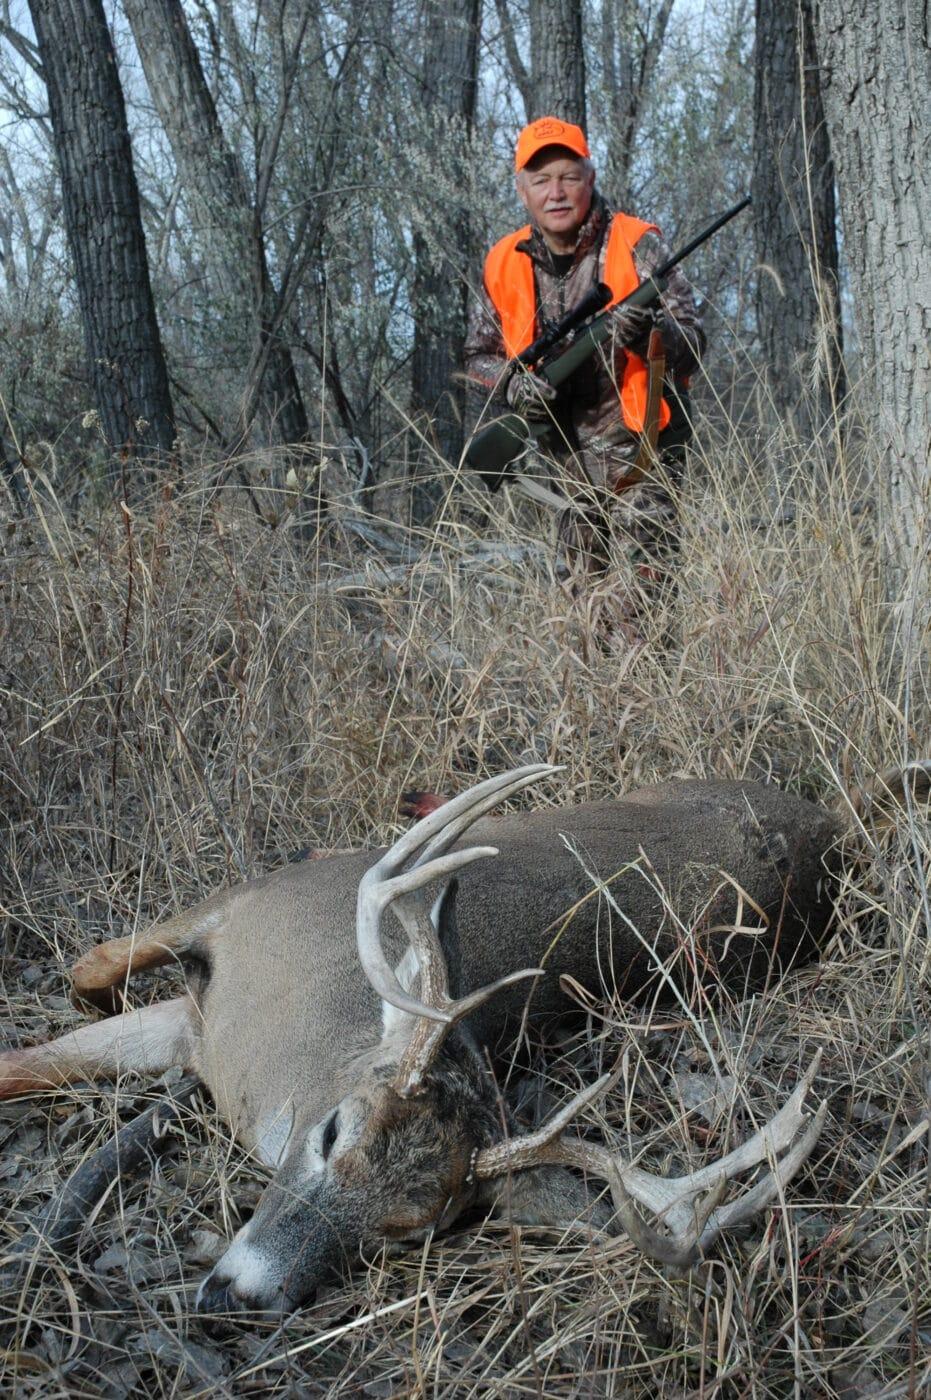 Man with buck taken a close range during deer hunting season